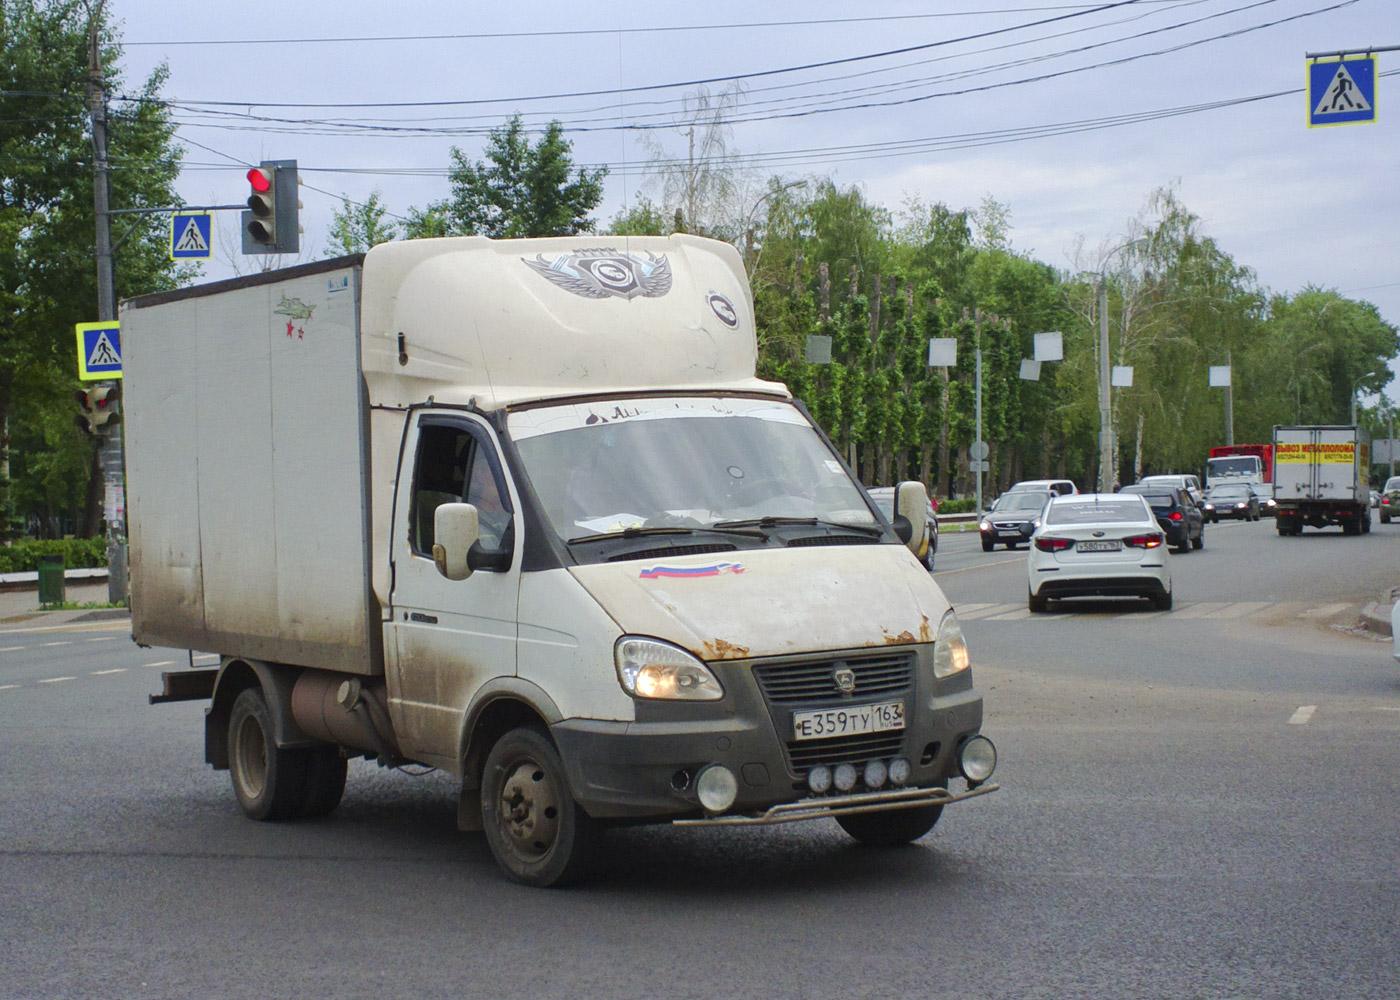 Фургон на шасси ГАЗ-3302-288 #Е359ТУ163. г. Самара, ул. Советской Армии